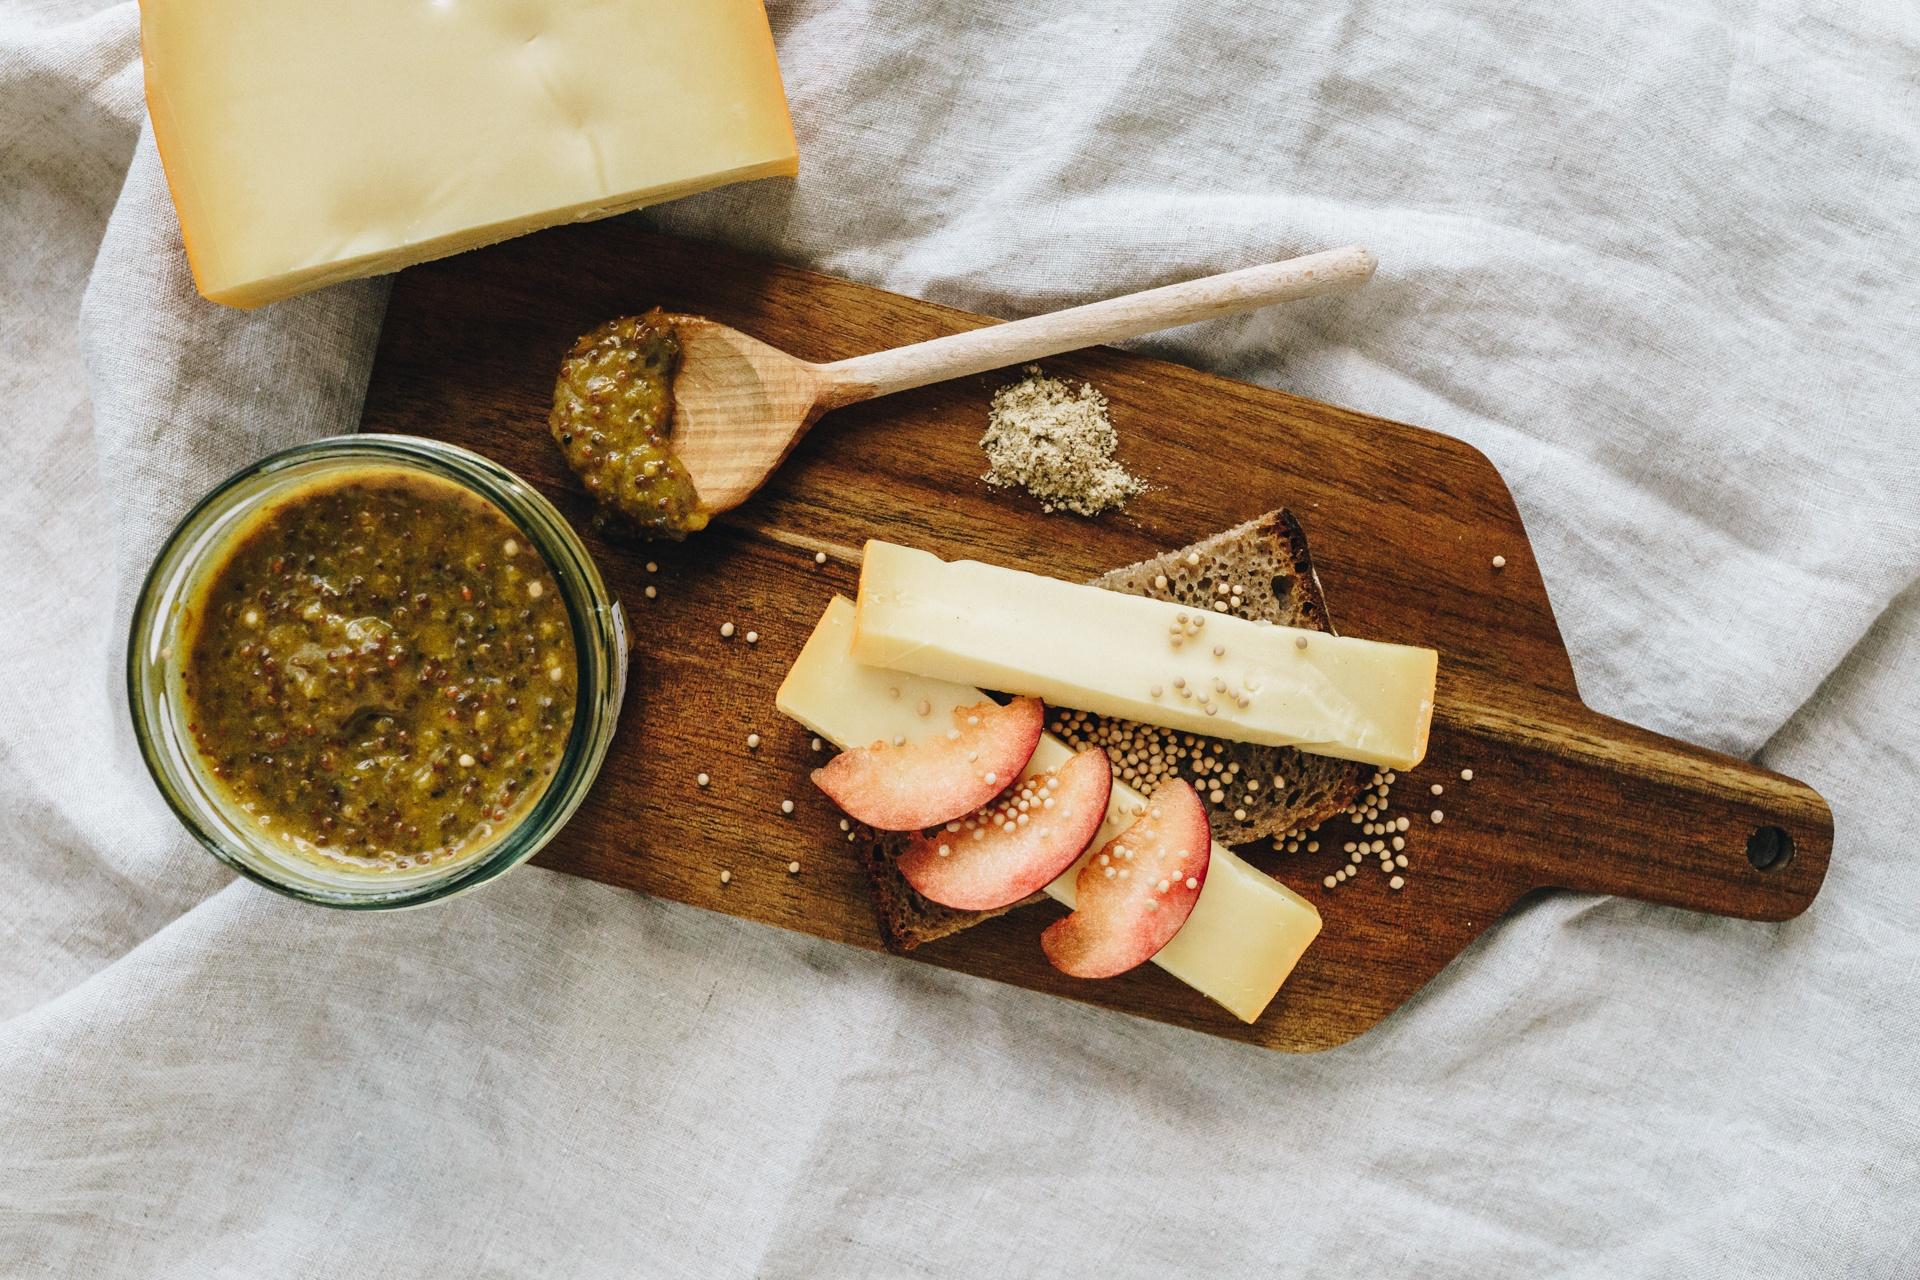 Käse und Pflaumensenf von der Nippesküche